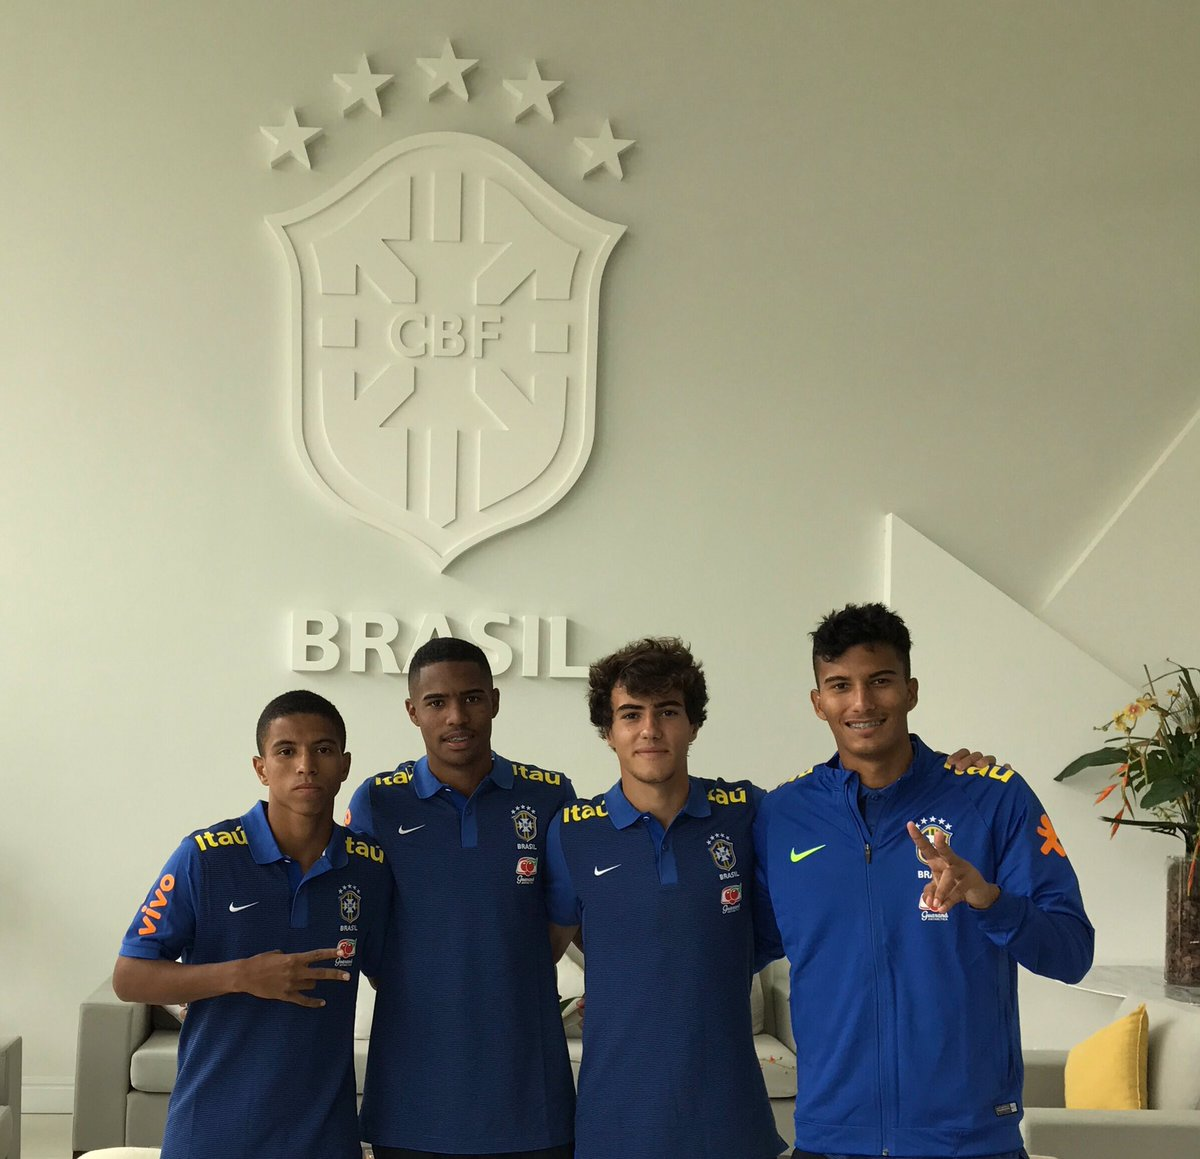 #MadeInCotia ⚽️ #Seleção 🇧🇷